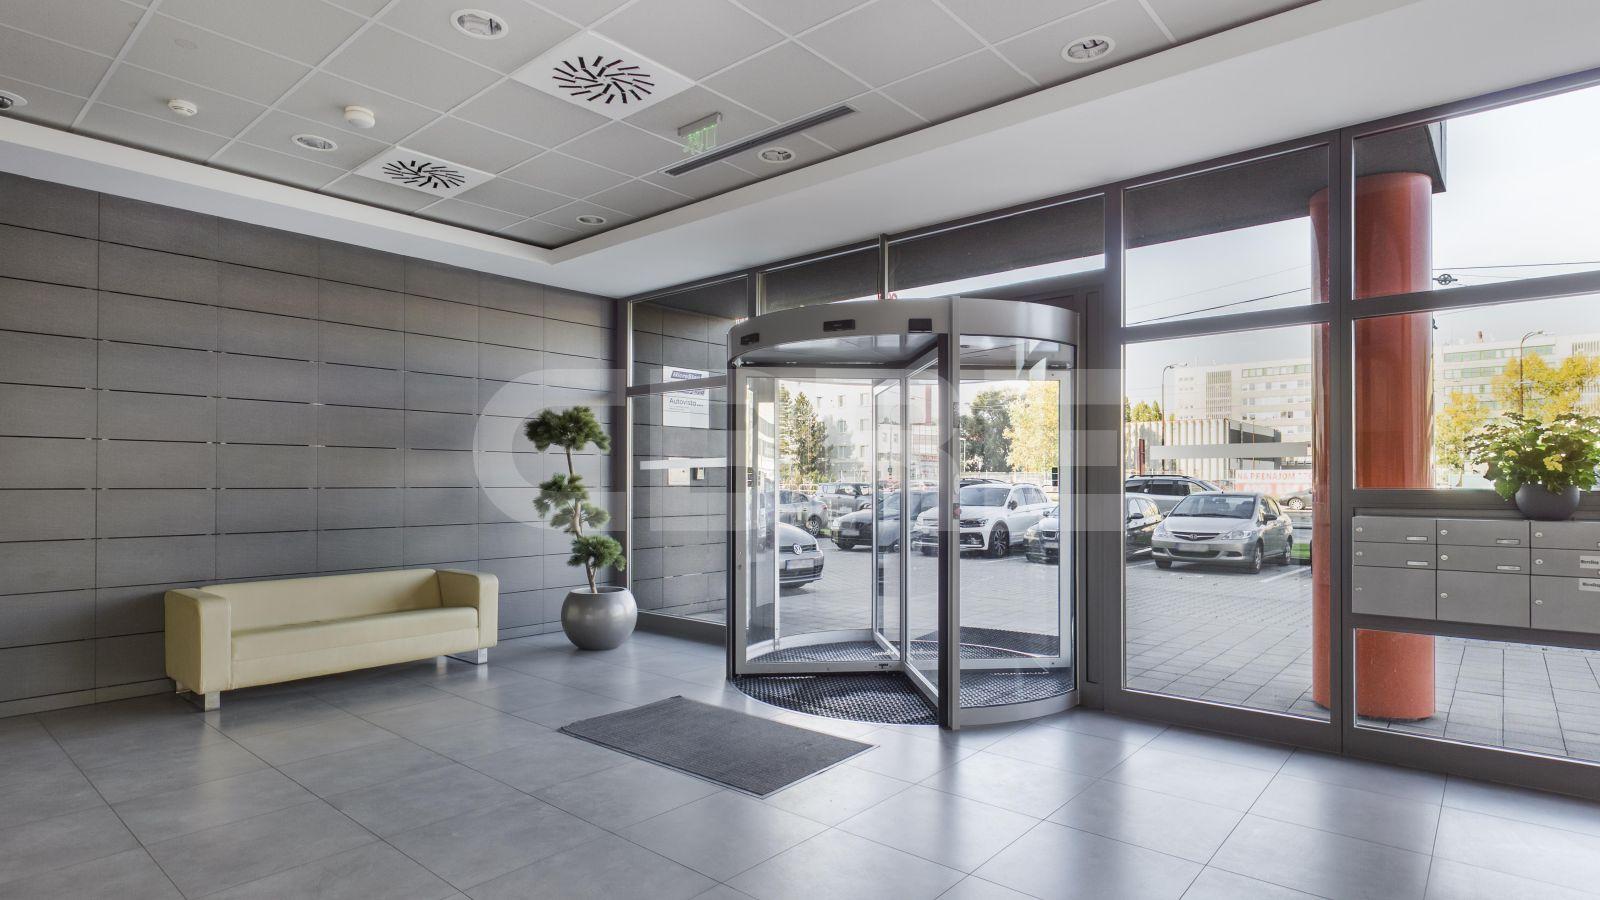 MicroStep - Vajnorská, Bratislava - Nové Mesto | Offices for rent by CBRE | 2